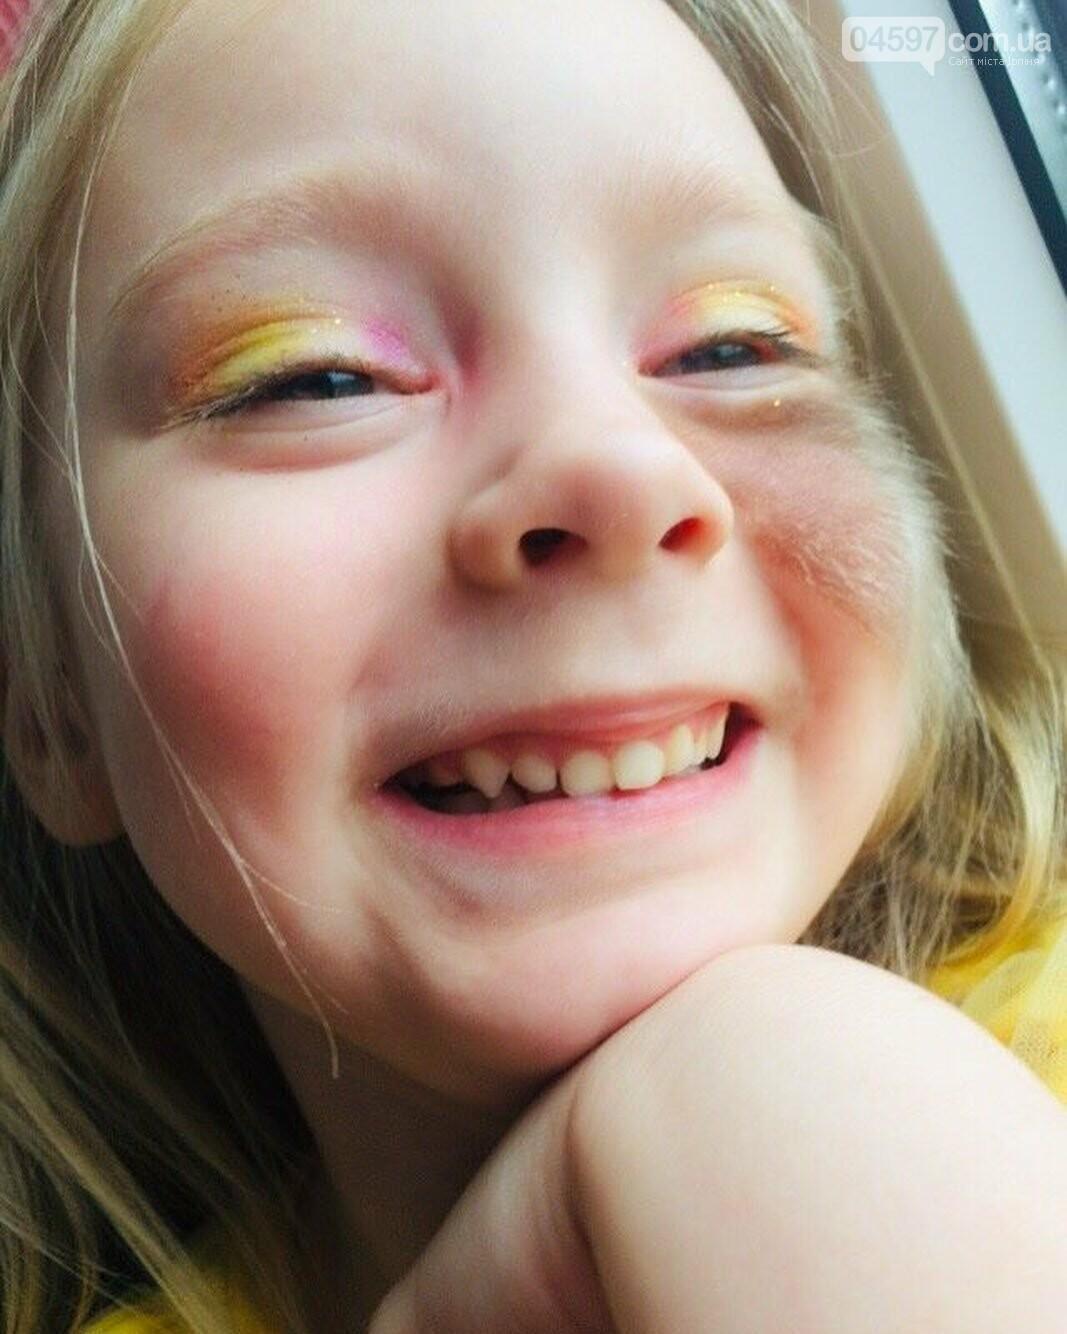 Врятуймо життя дитини: в Ірпені проведуть благодійний збір коштів для 4-річної Мілани, фото-1